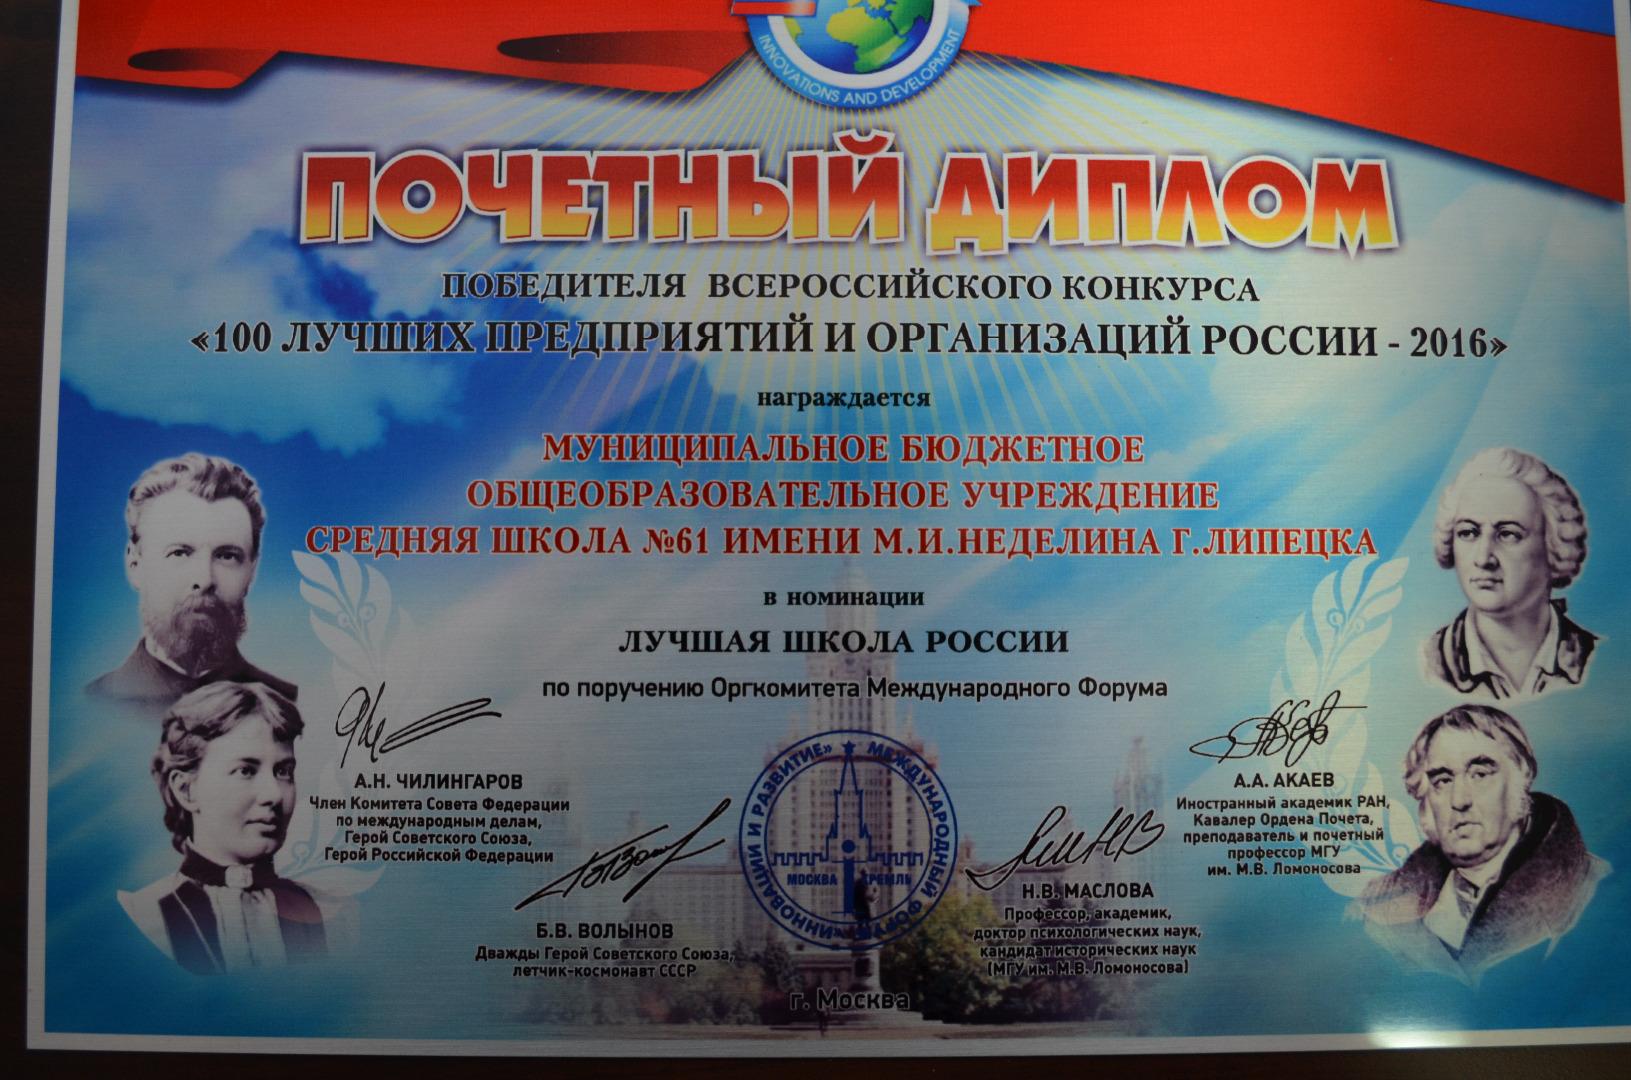 Конкурс 100 лучших предприятий и организаций россии 2017